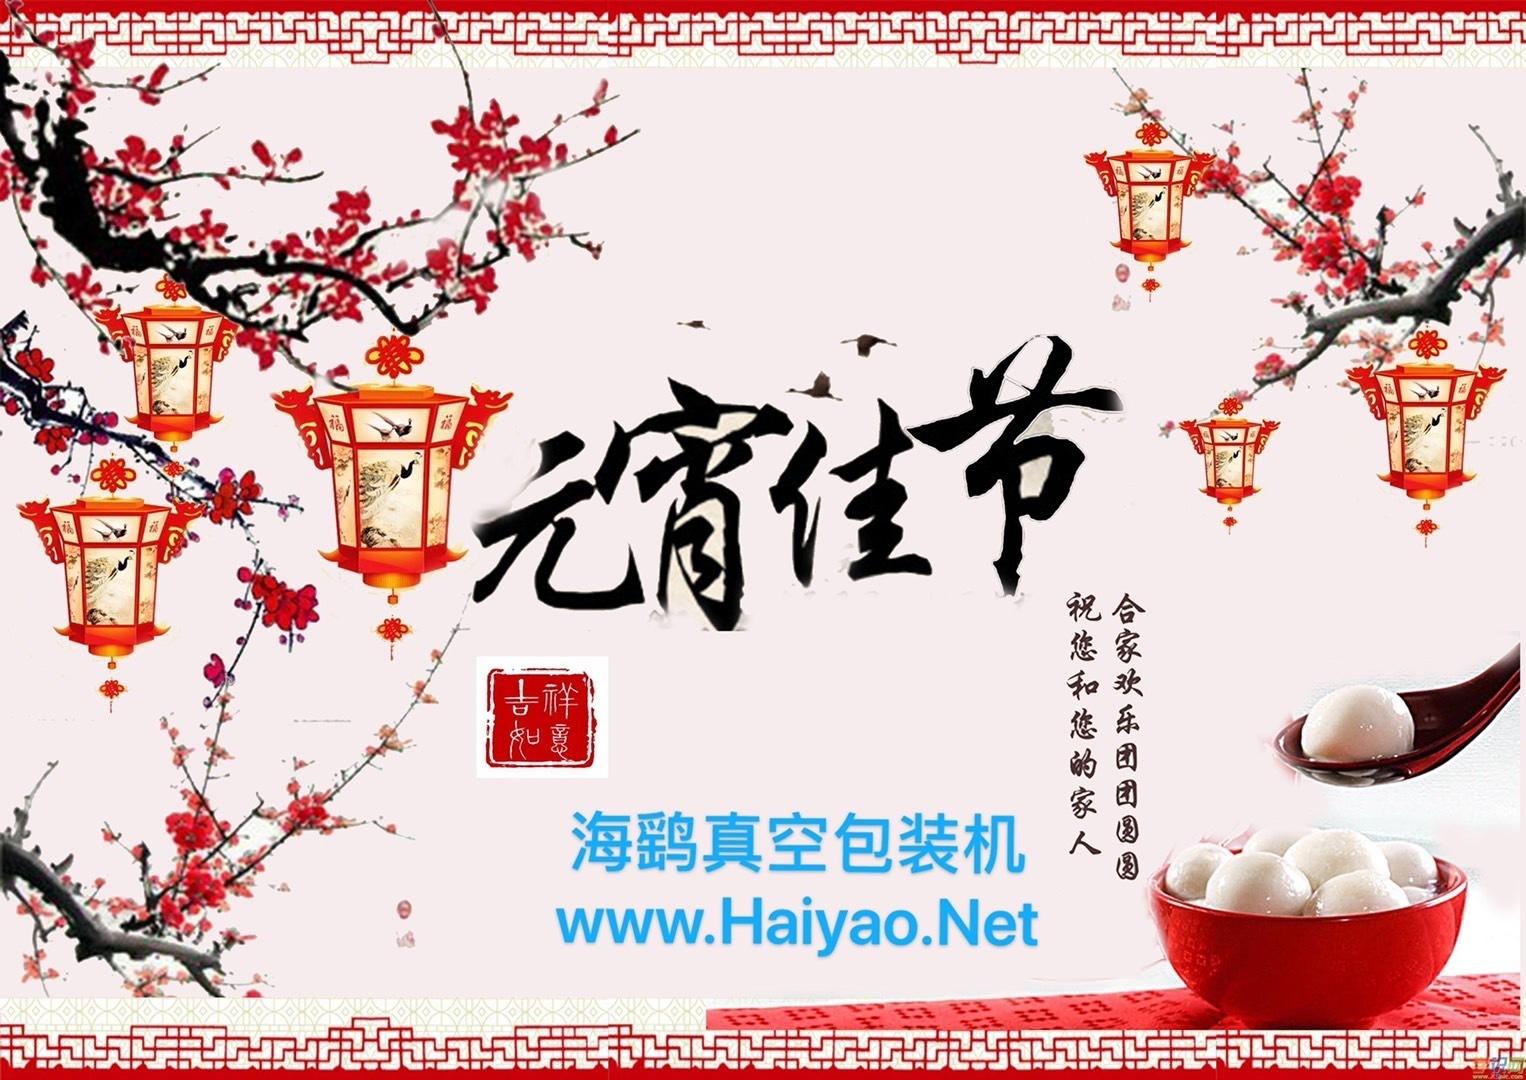 沈阳海鹞真空包装机祝新老客户元宵节快乐